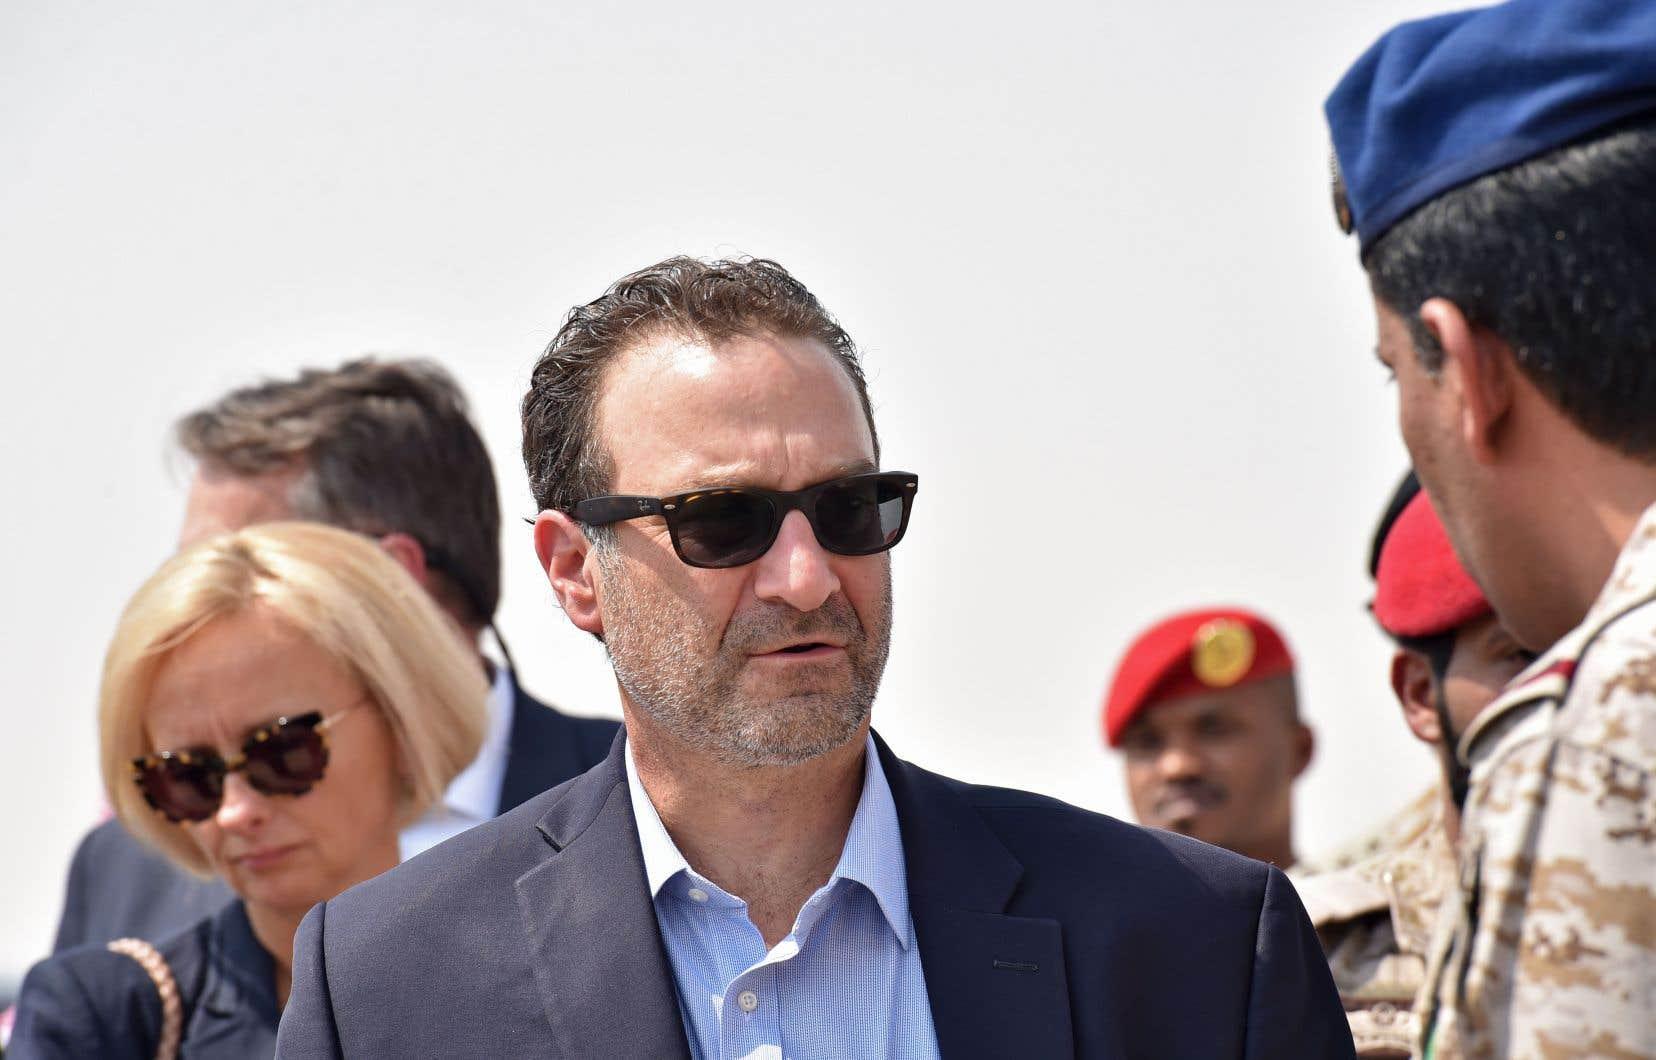 Lors d'une visite en Arabie saoudite, jeudi, le haut diplomate américain David Schenker a confirmé jeudi la tenue de «pourparlers» entre Washington et les Houthis.